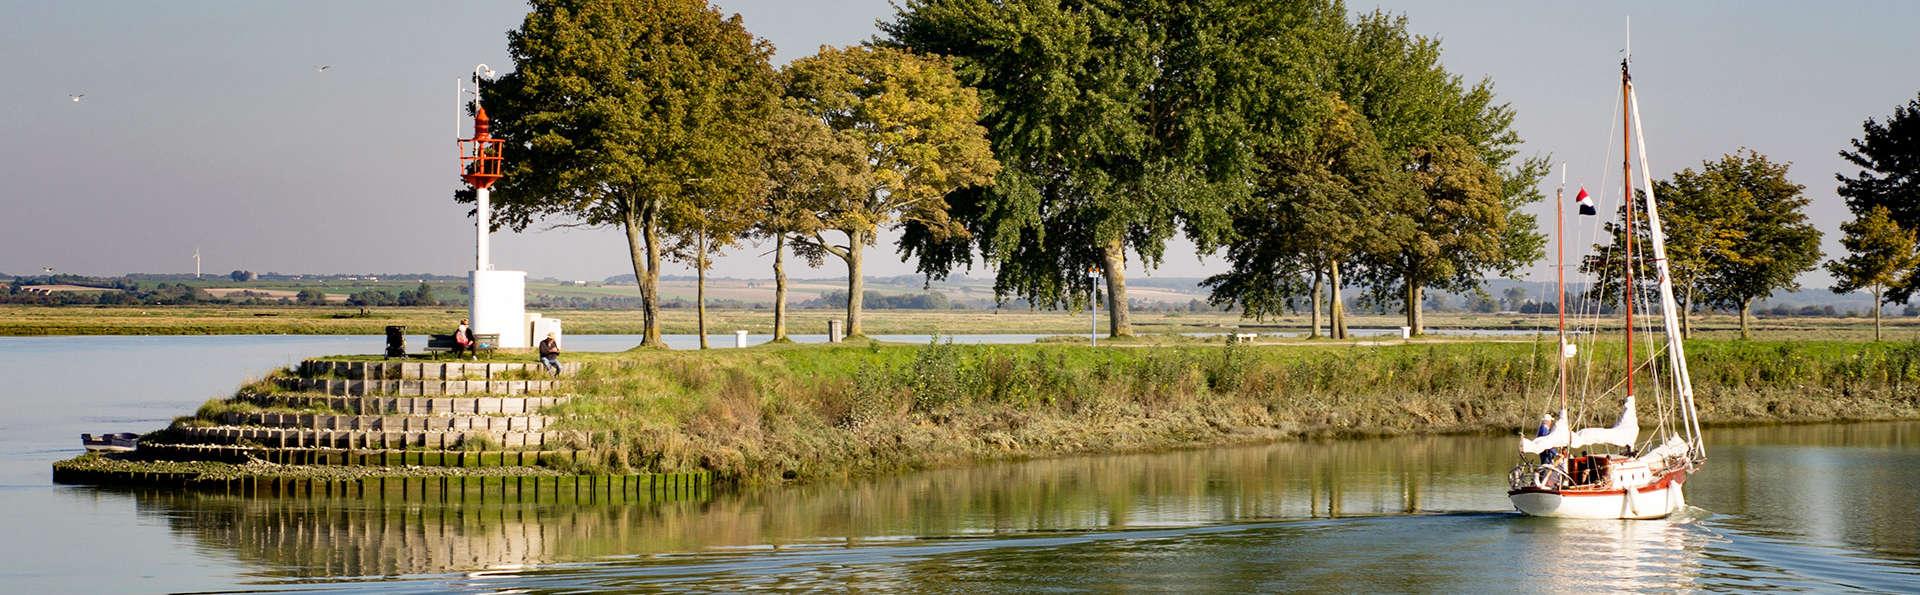 Virée historique au coeur de la Picardie